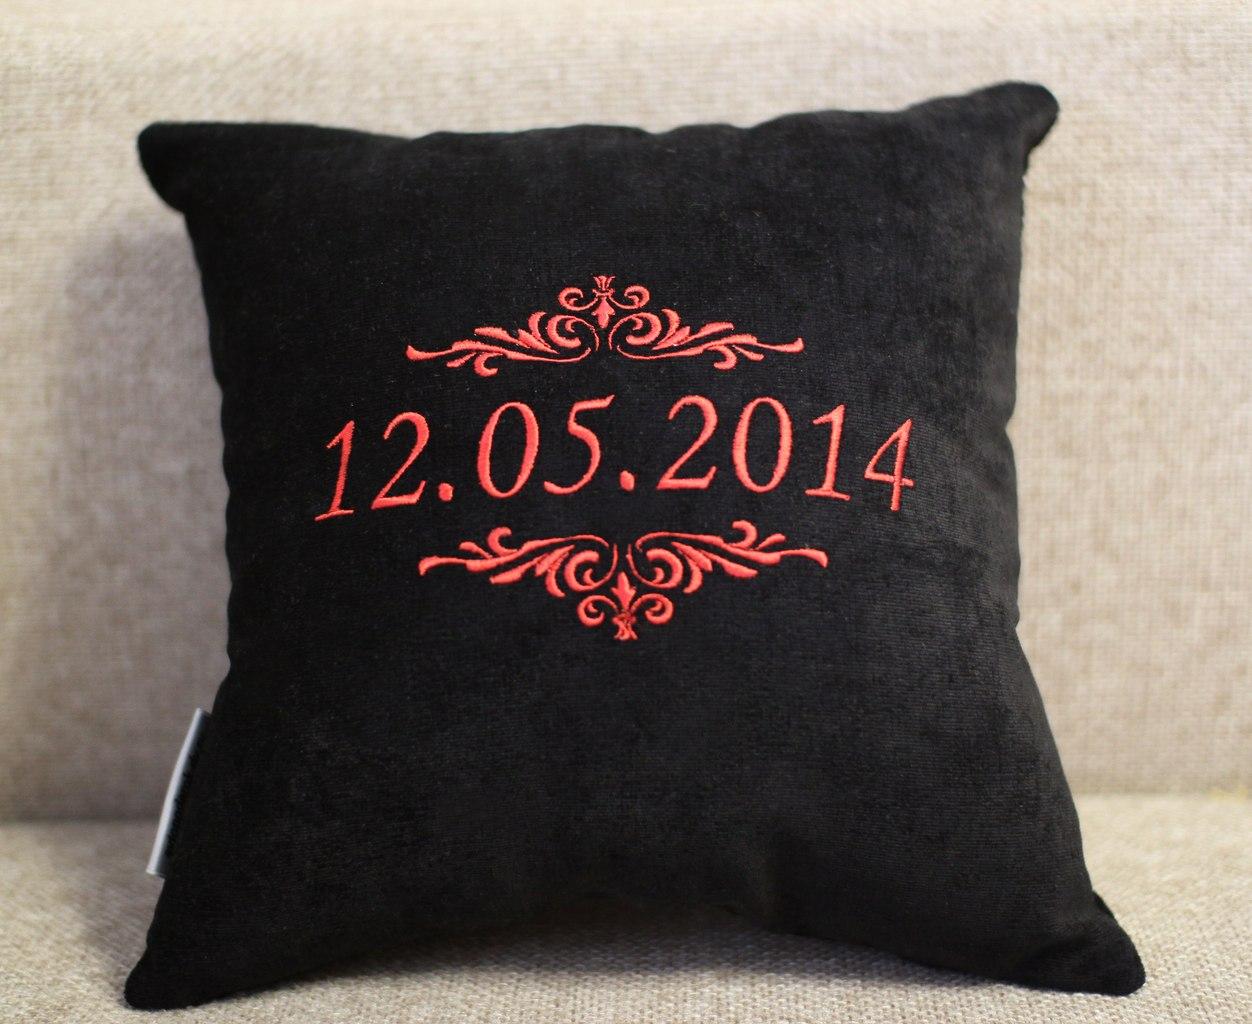 Купить именную подушку с вышивкой на 31